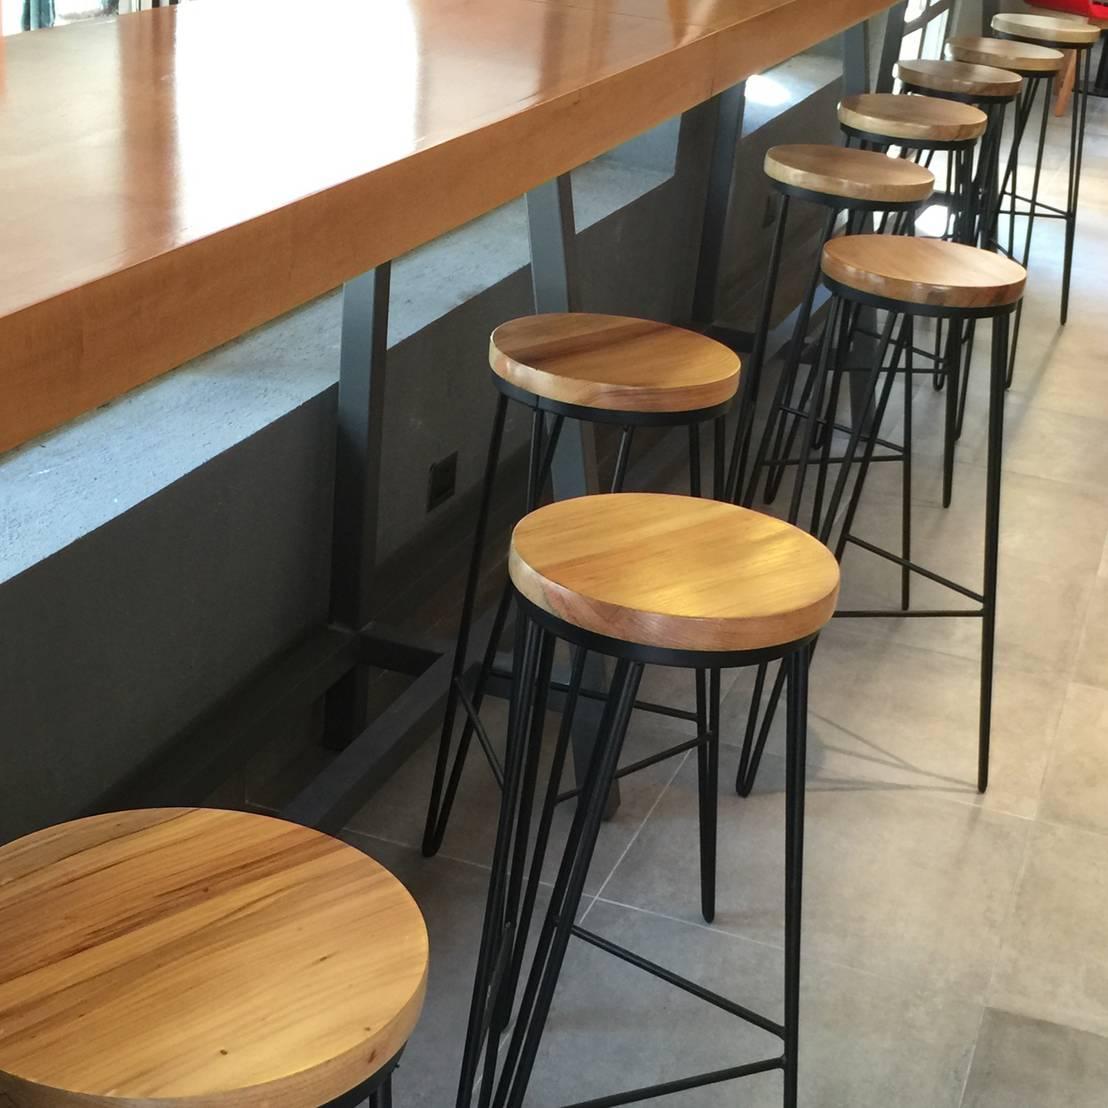 Bancos de bar para disfrutar a gusto for Bancos de bar de madera